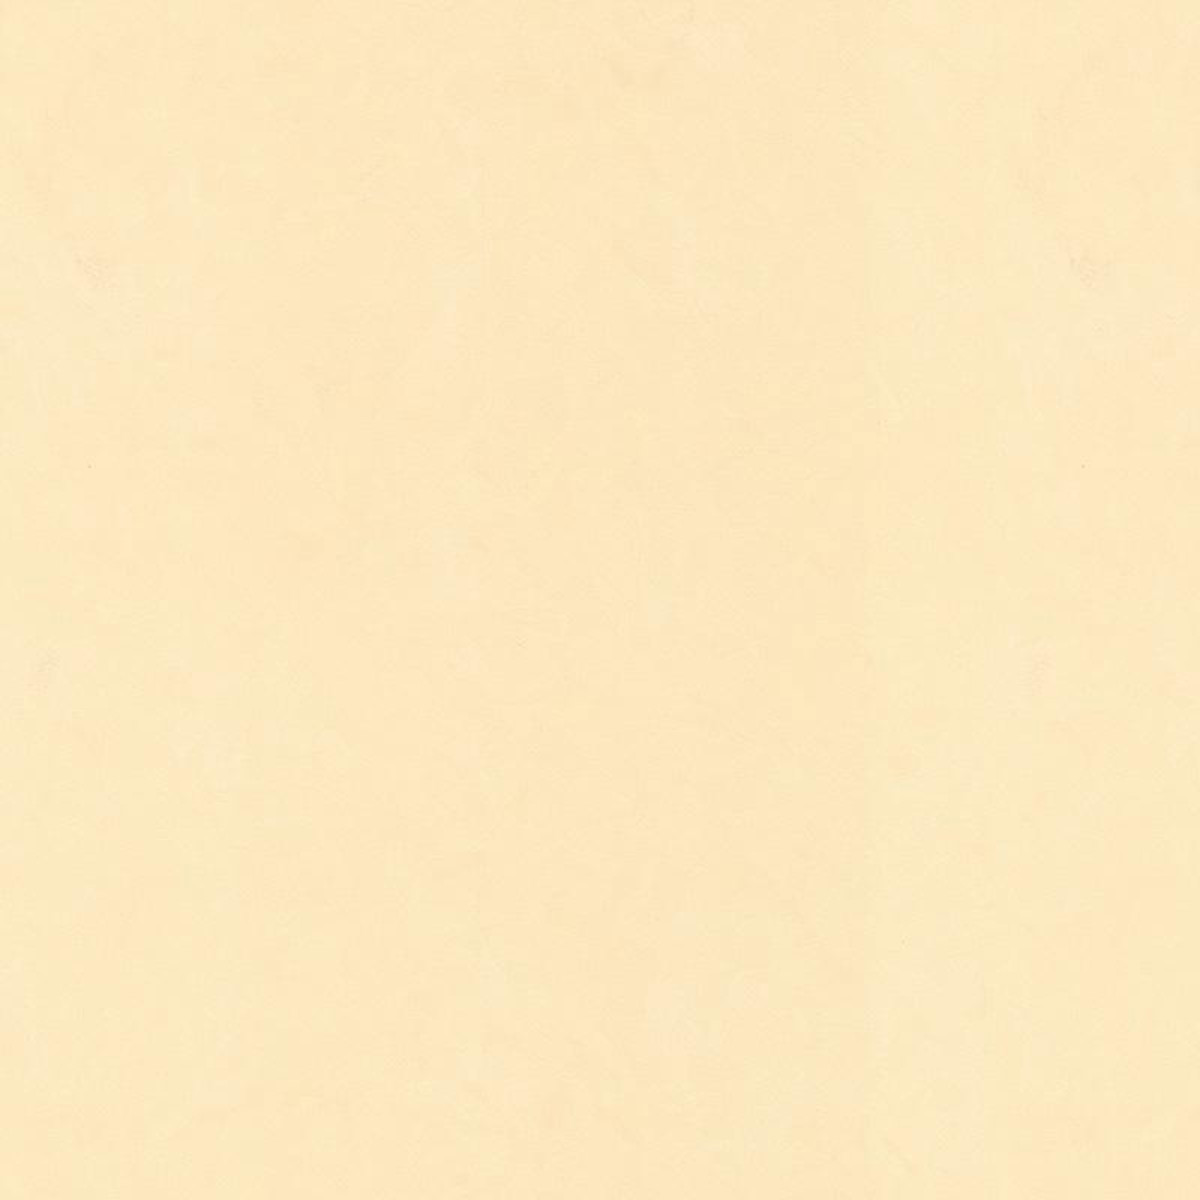 Обои флизелиновые Мир Авангард Штукатурка бежевые 1.06 м 45-018-03